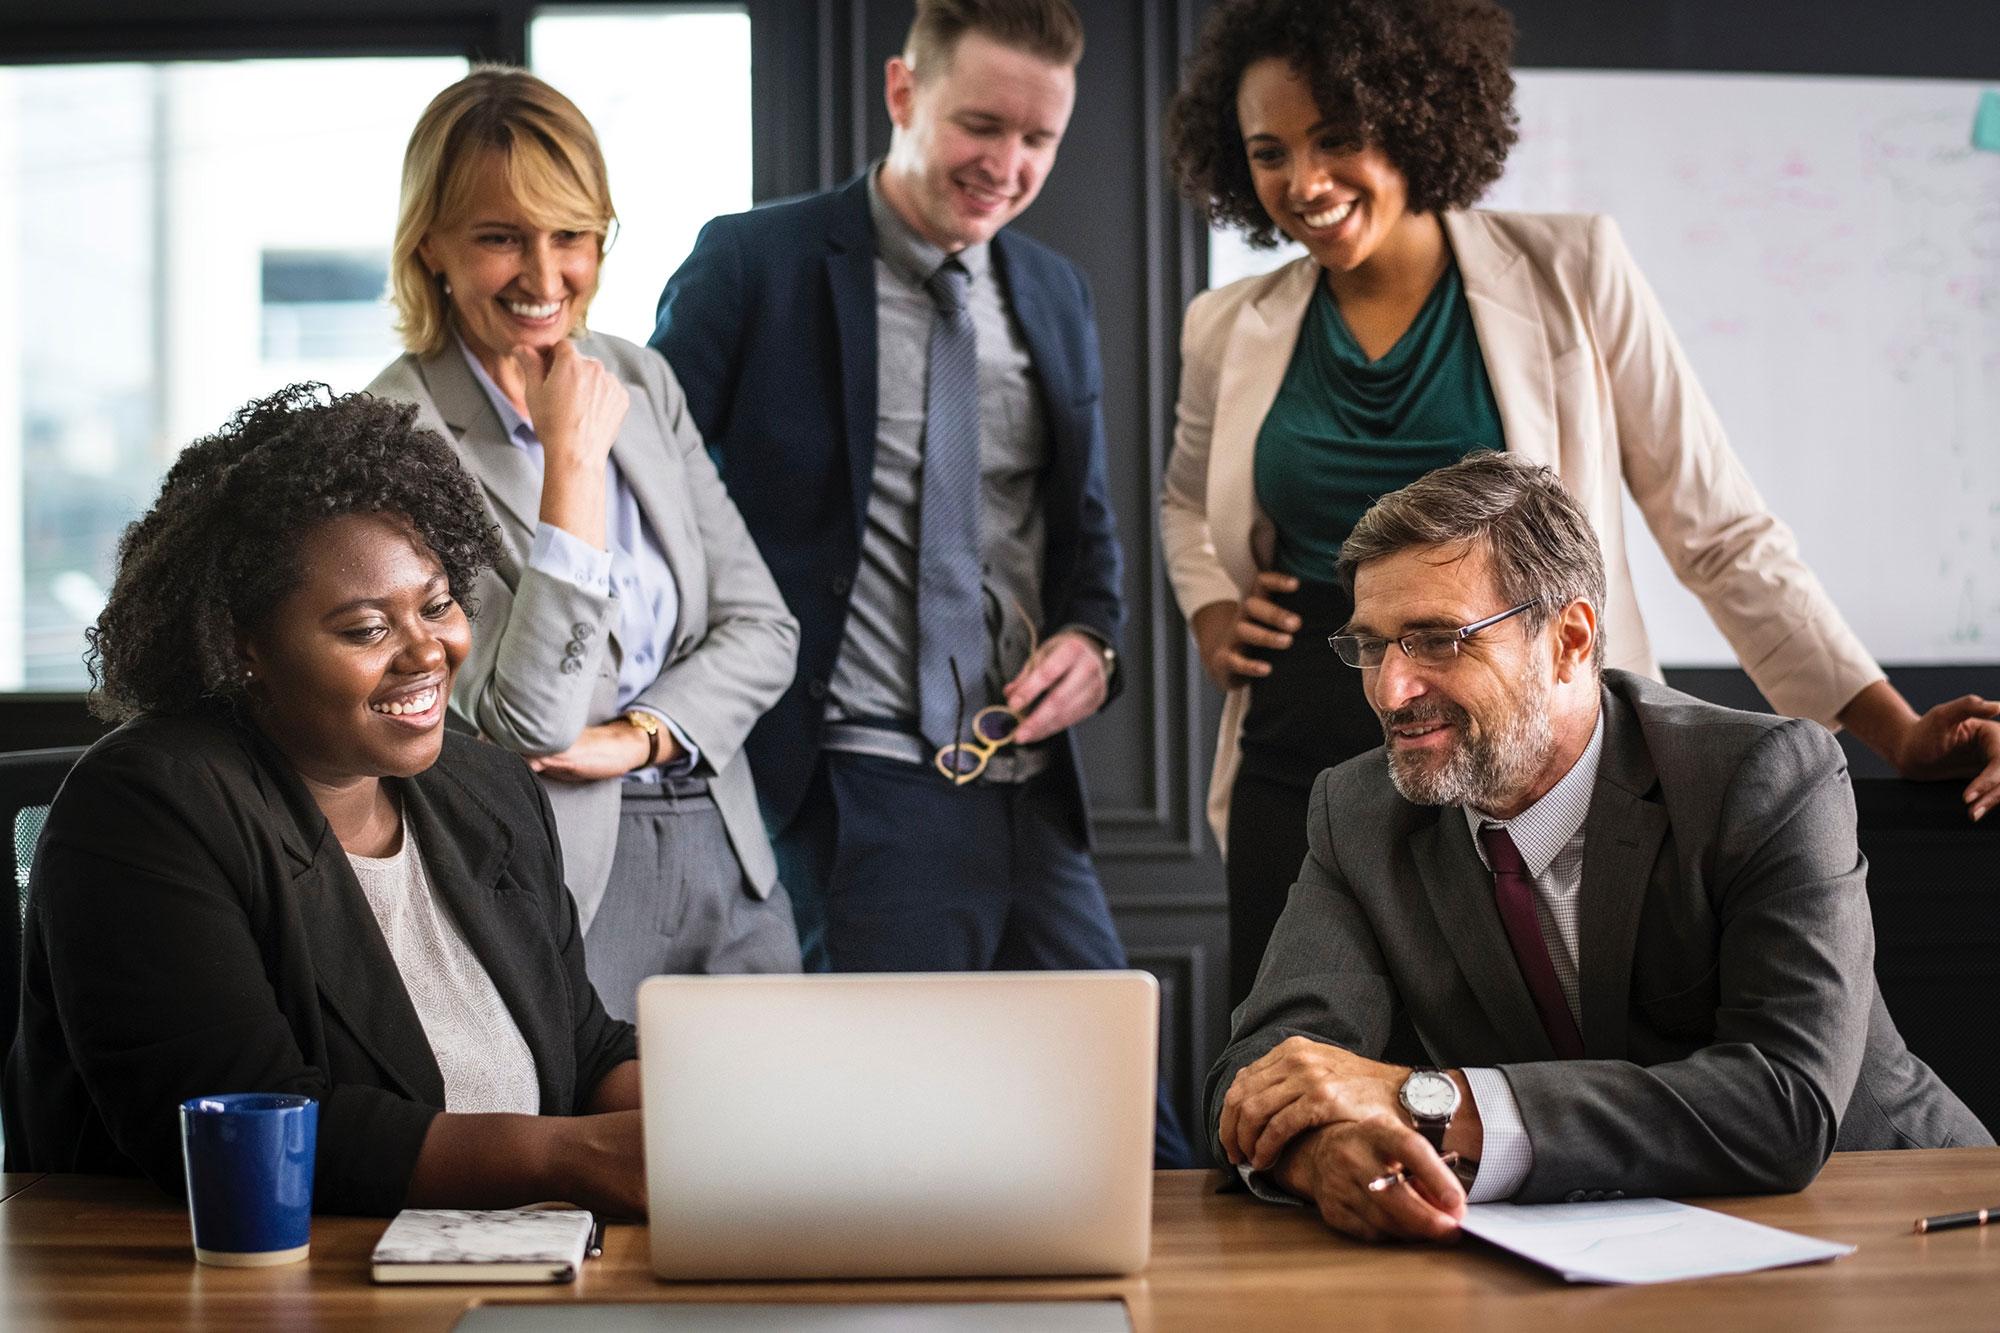 New Work: Für Personaler im Mittelstand ein echter Gewinn